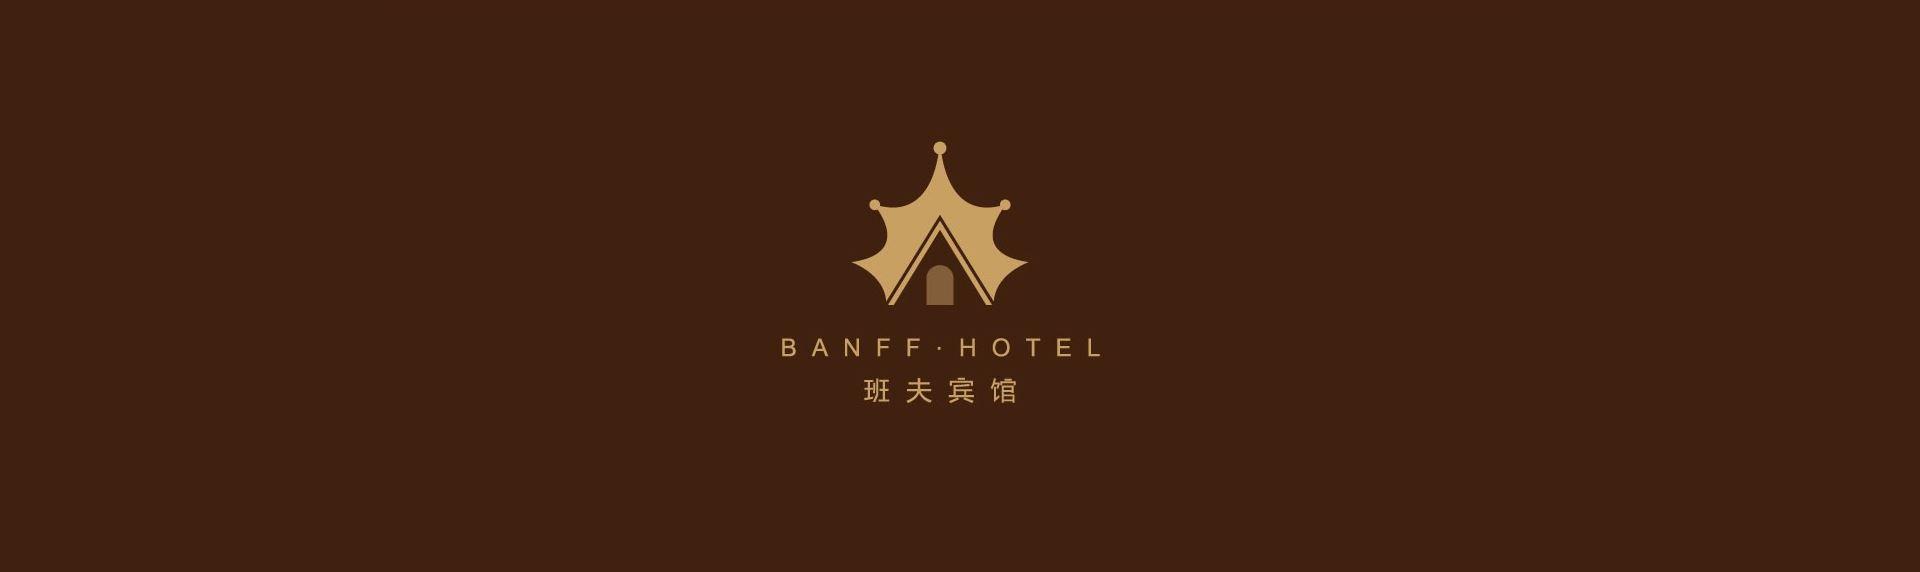 SSC设计-哈尔滨班夫宾馆